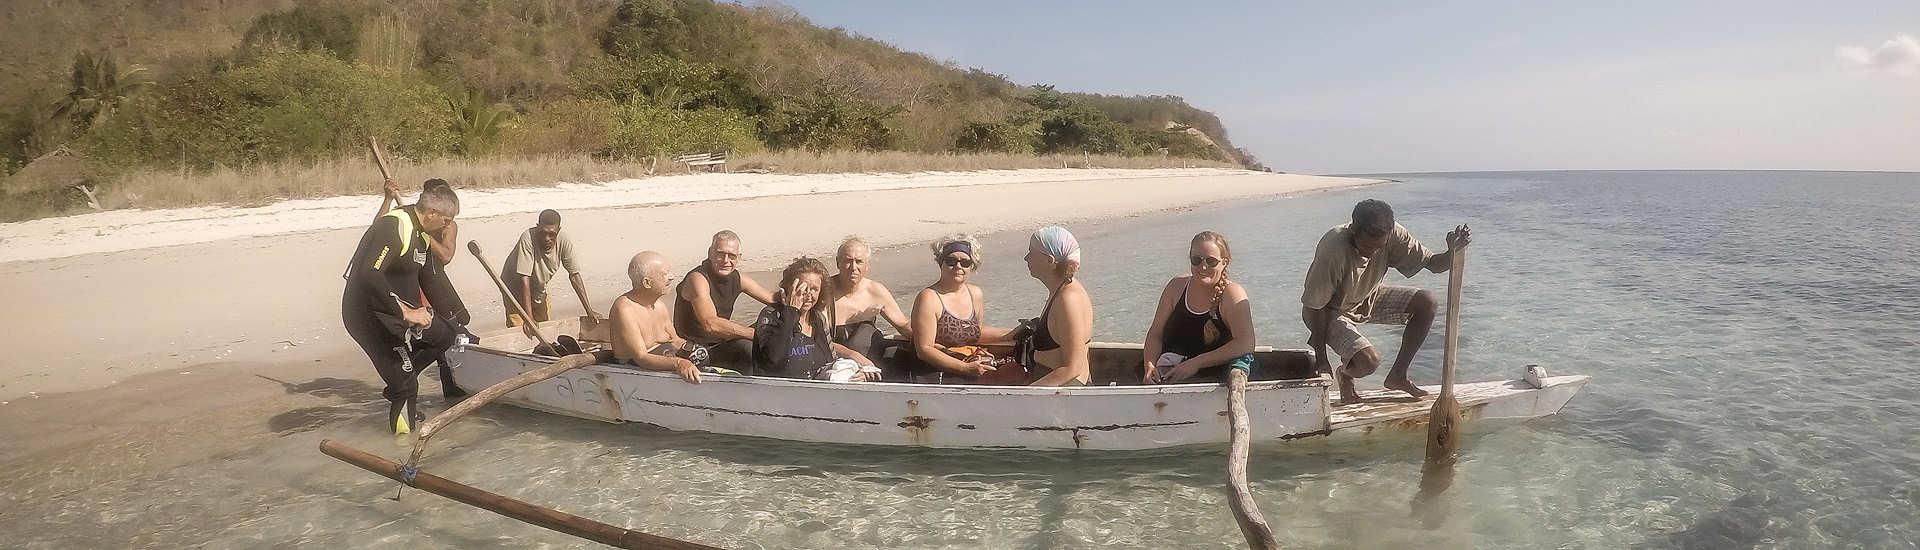 Tauchreisen Alor, Kleine Sundainseln